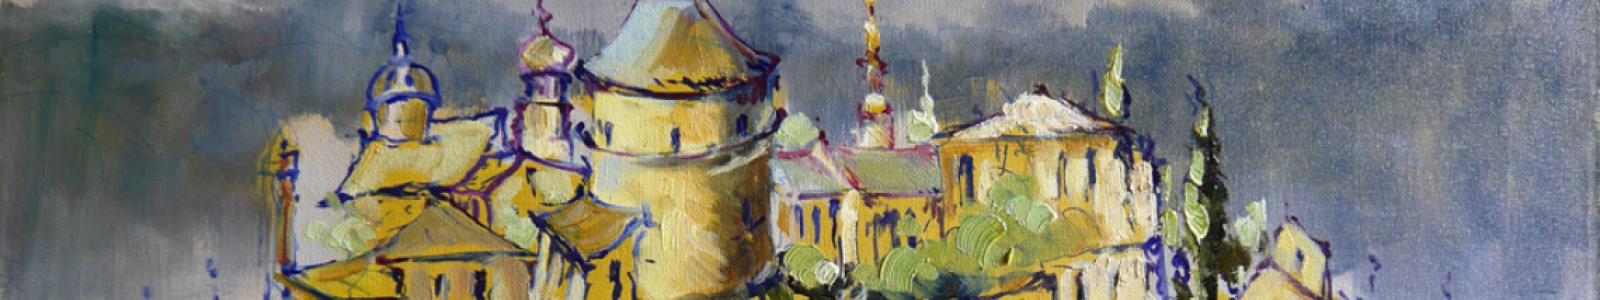 Gallery Painter Marina Kozlovska